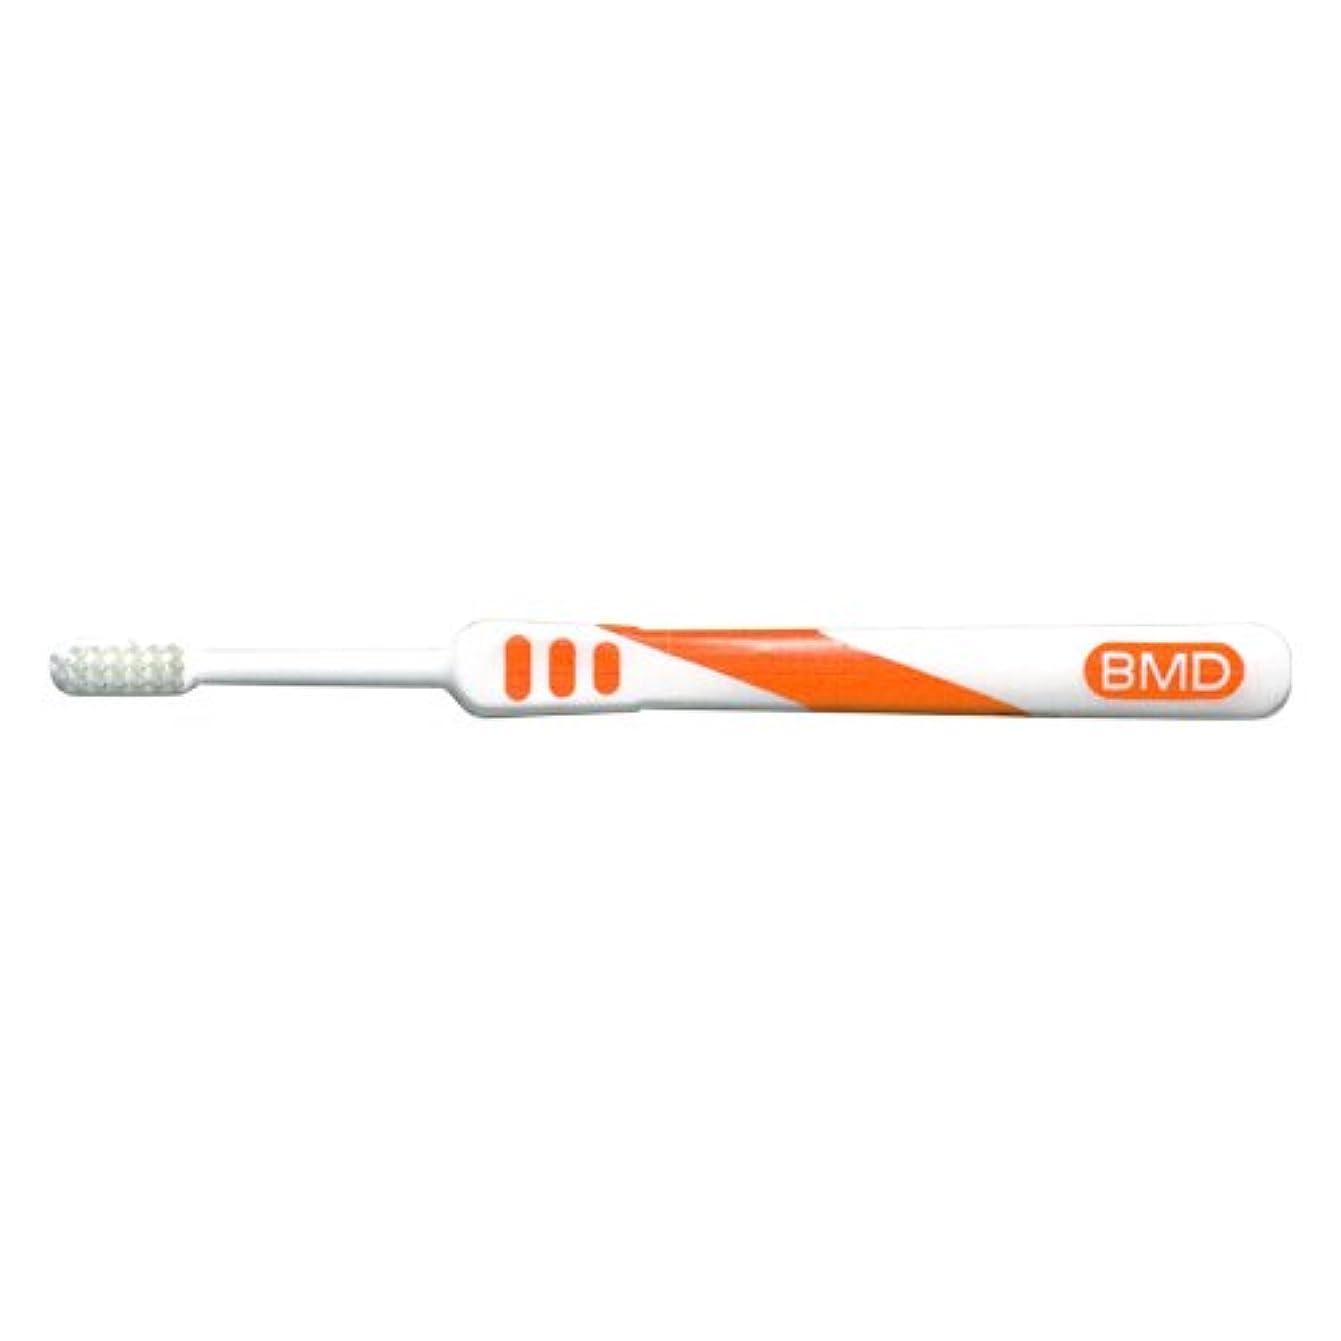 ラグ作成するくびれたビーブランド ビークイーン歯ブラシ 1本 105 タイブオレンジ